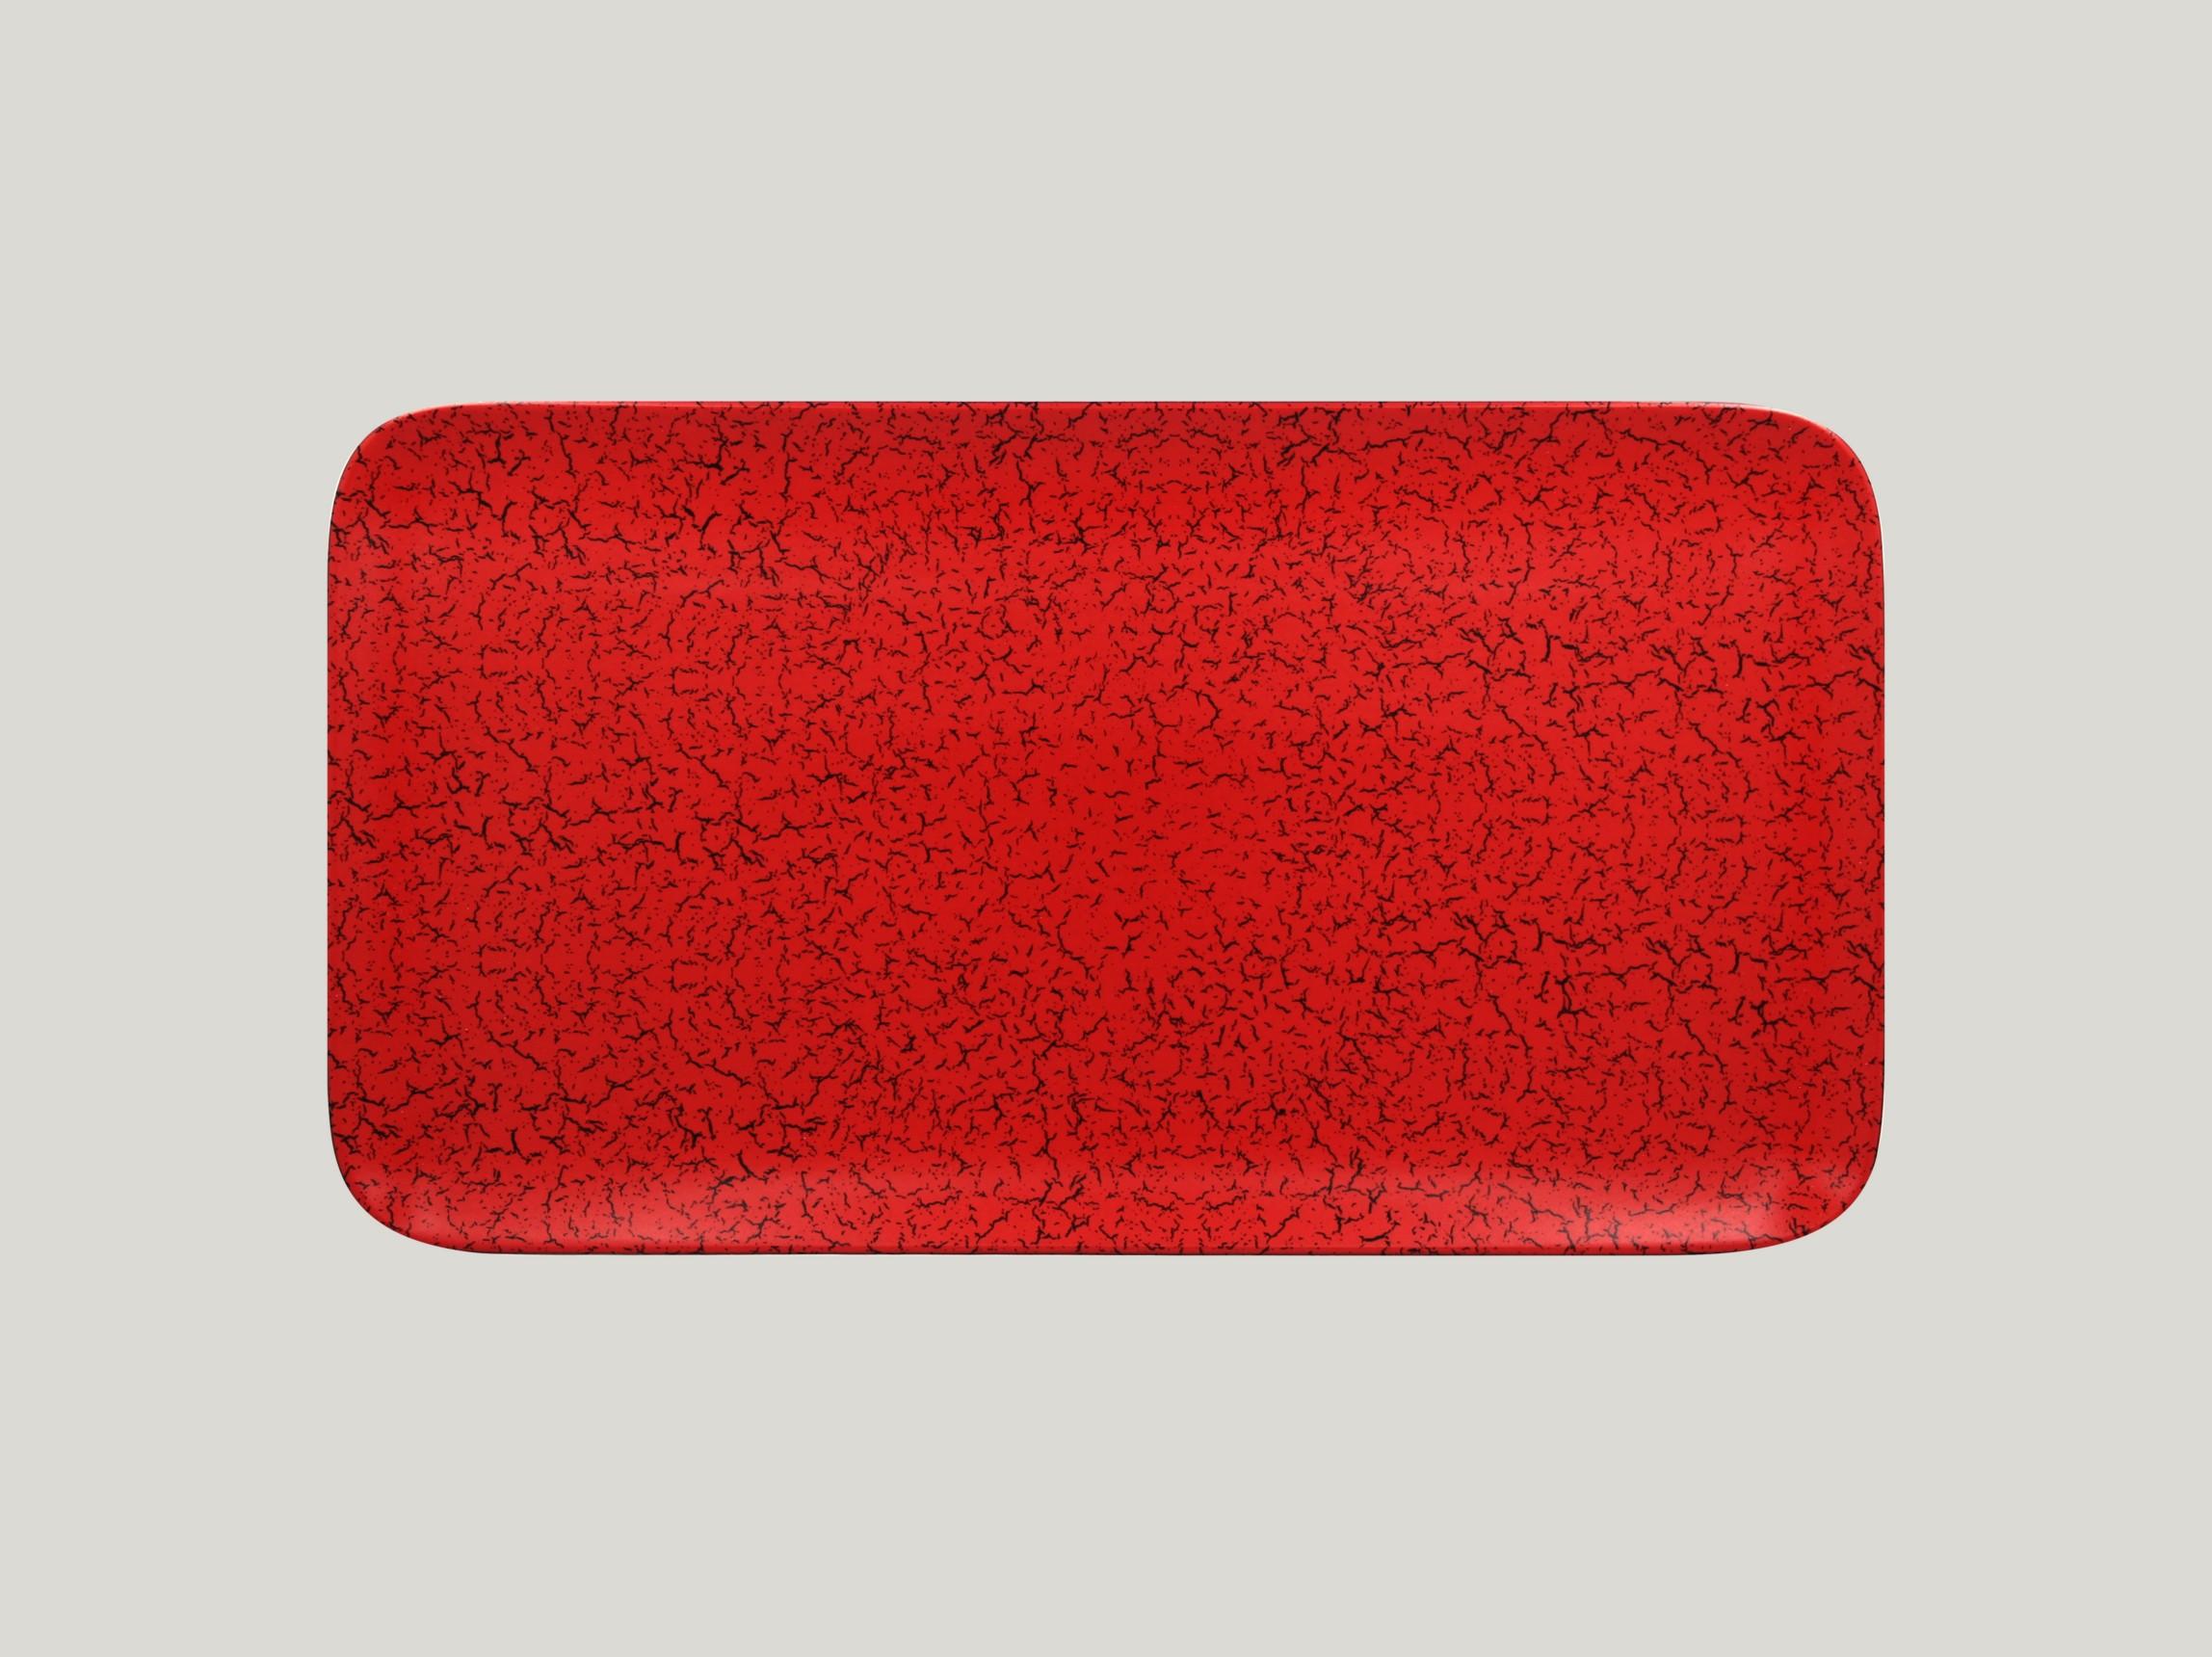 Talíř obdélníkový 38 x 21 cm - červená